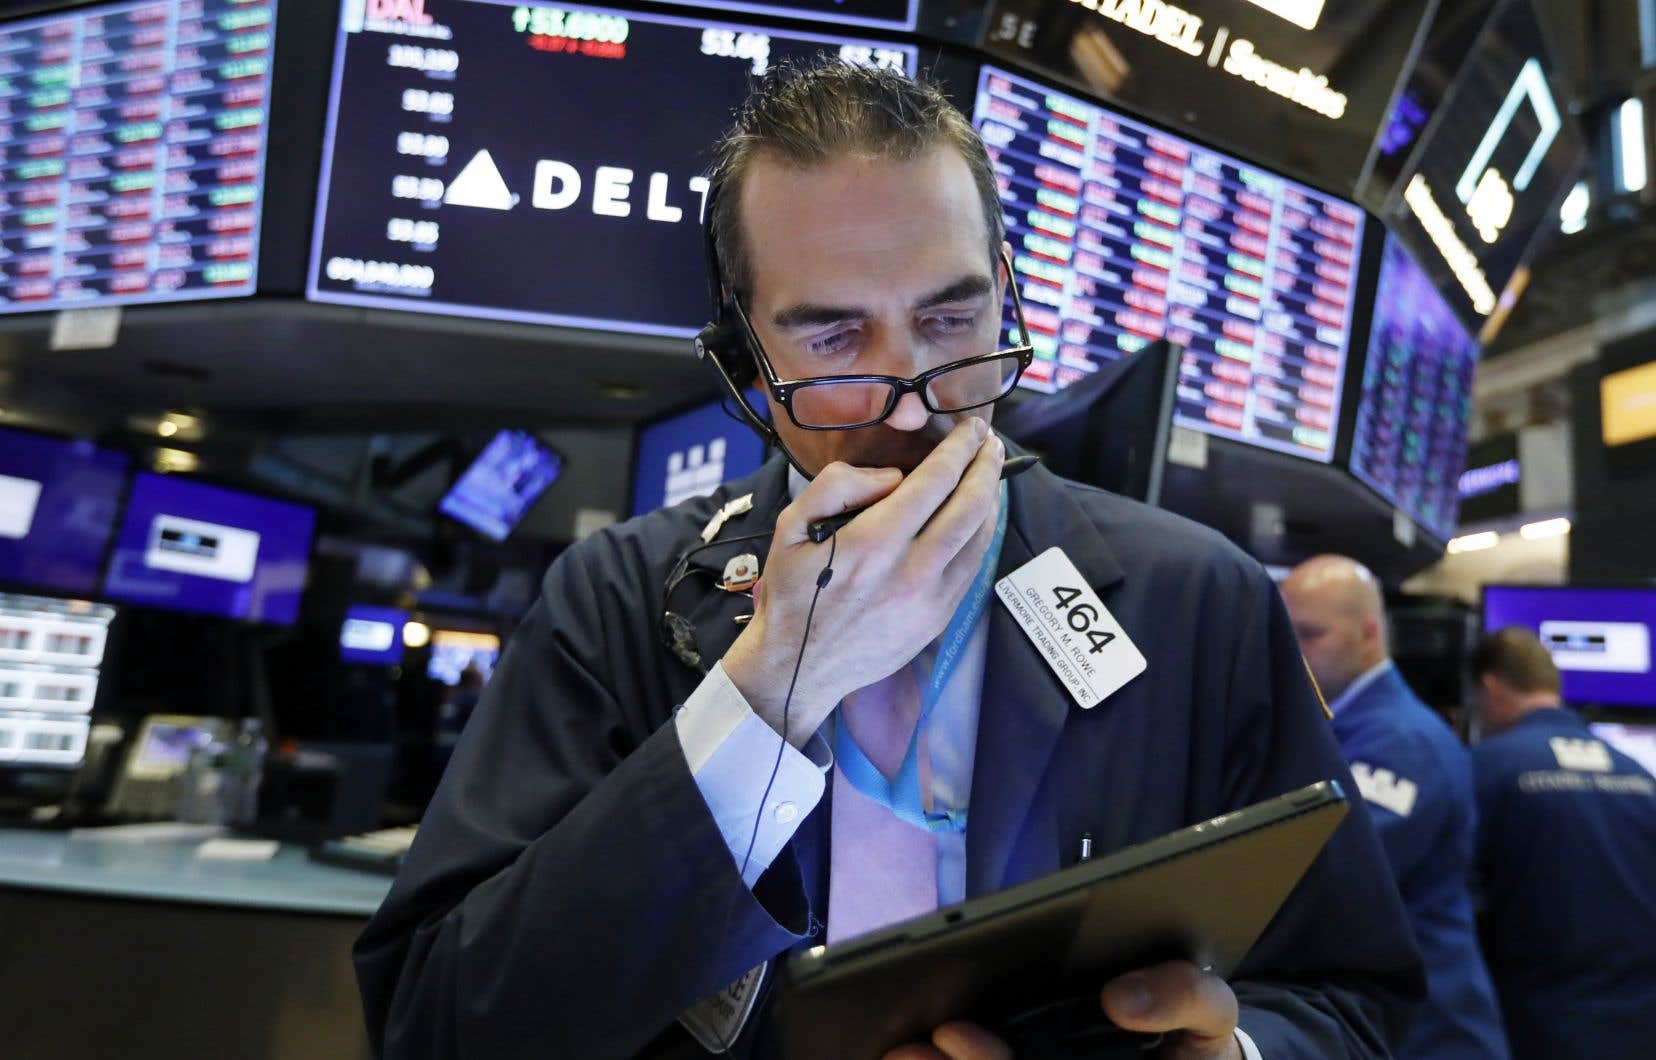 L'indice vedette de Wall Street, le Dow Jones, a lâché 1,1% et l'indice Nasdaq, à forte coloration technologique, a chuté de 1,6%.